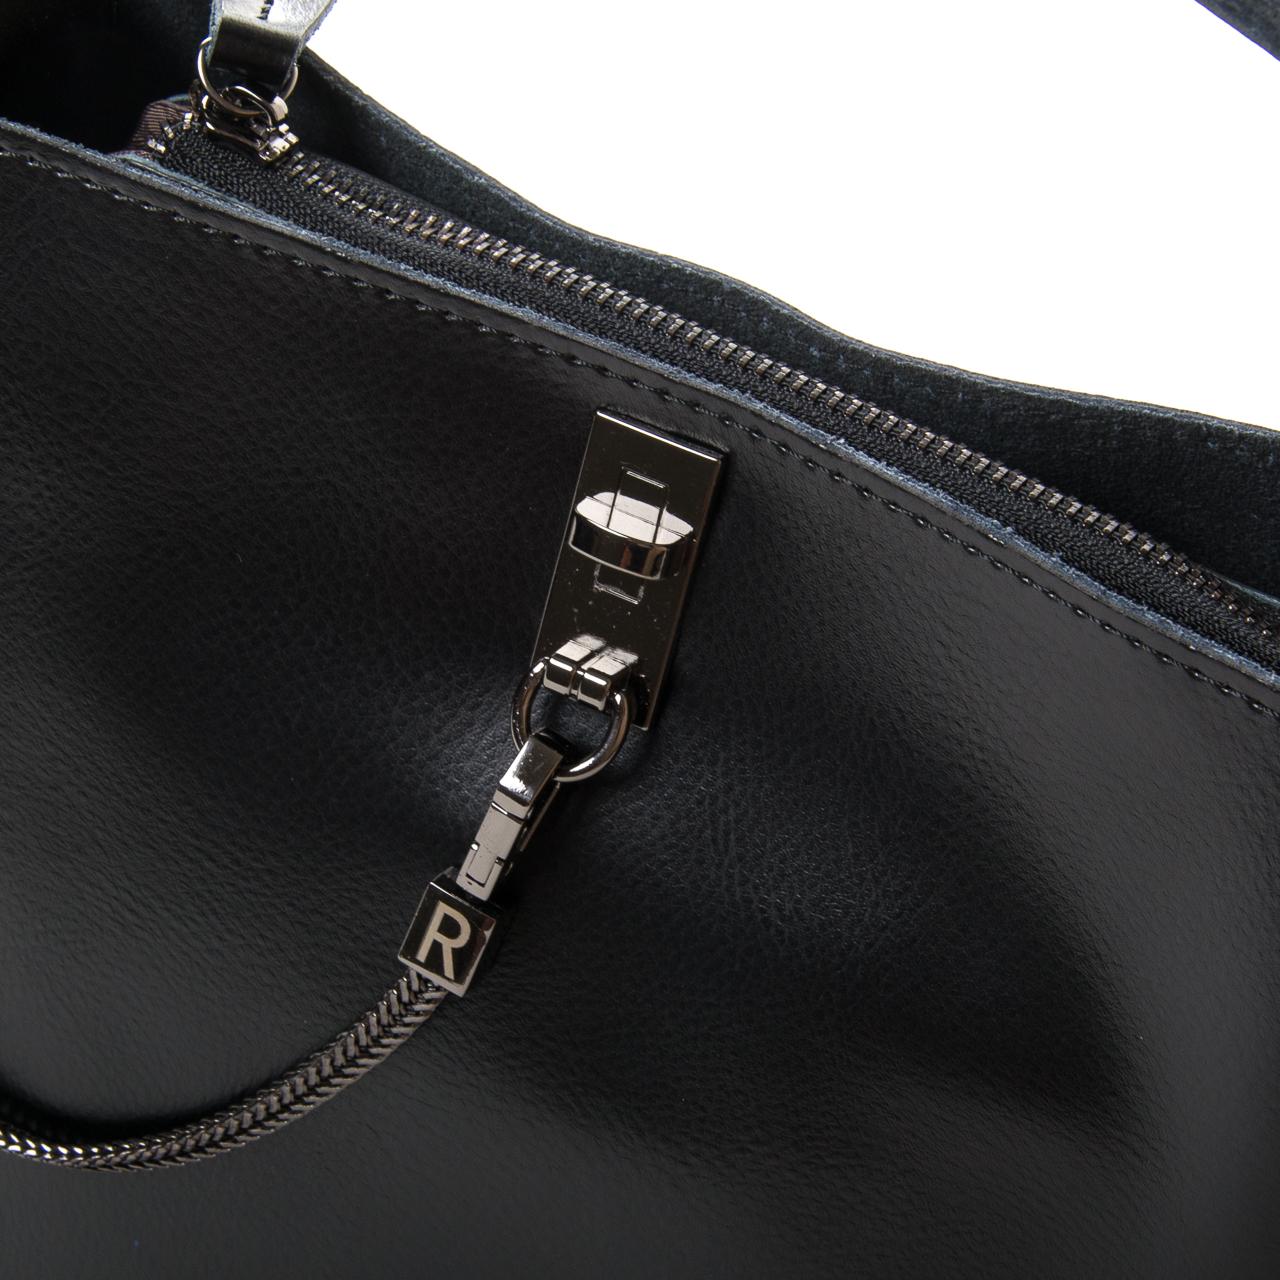 Сумка Женская Классическая кожа ALEX RAI 9-02 8703 black - фото 3